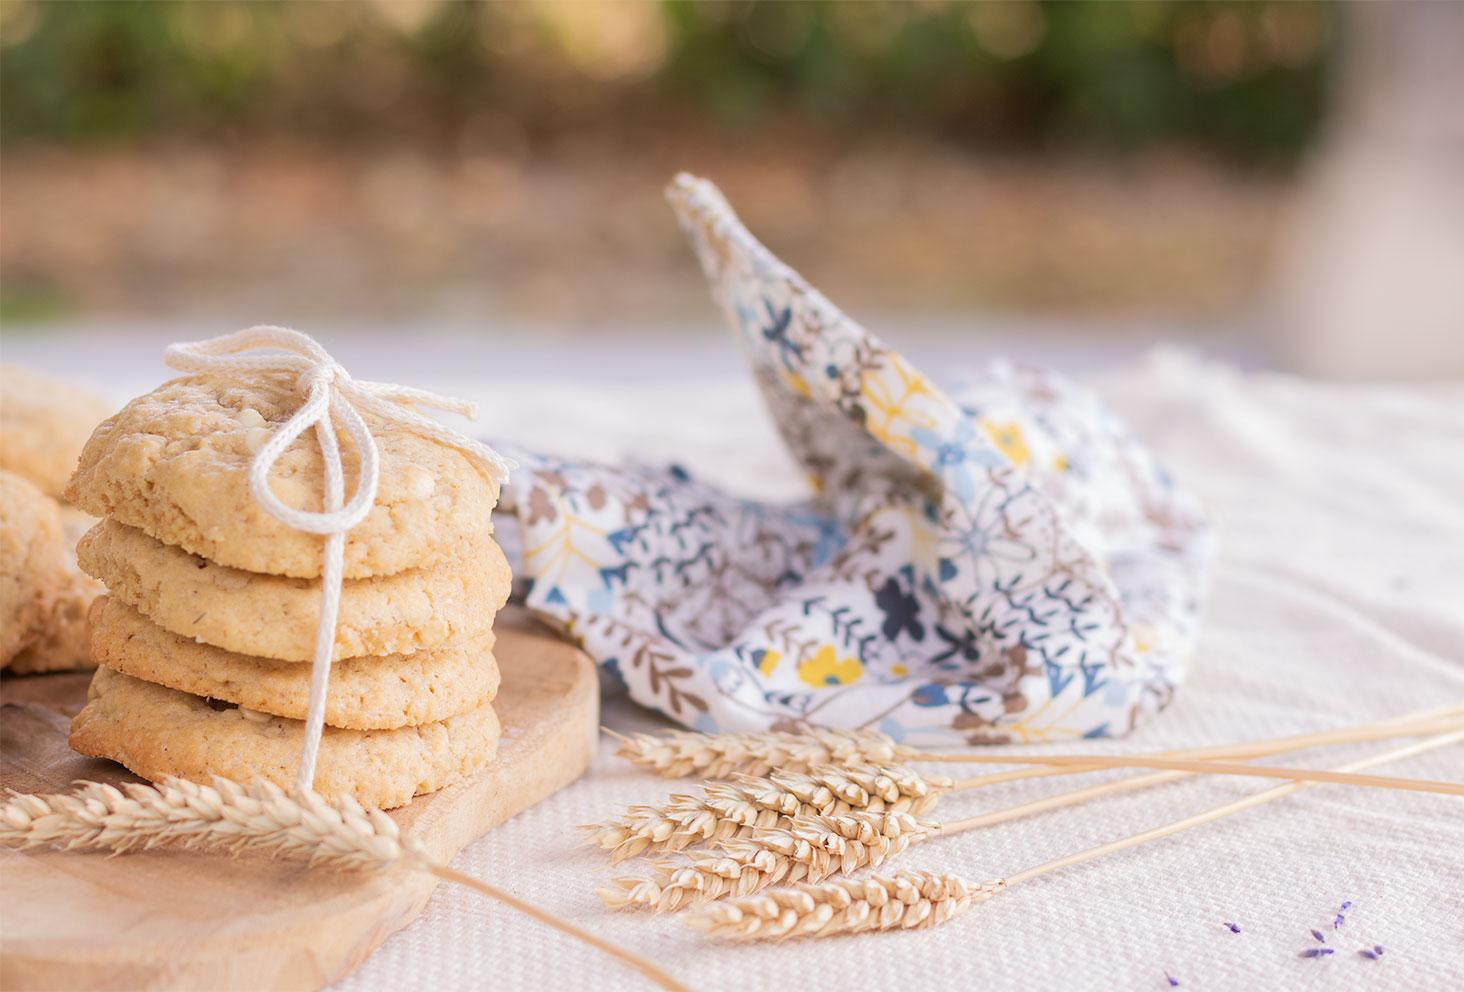 Des cookies fourrés au chocolat blanc, en pile sur une planche en bois